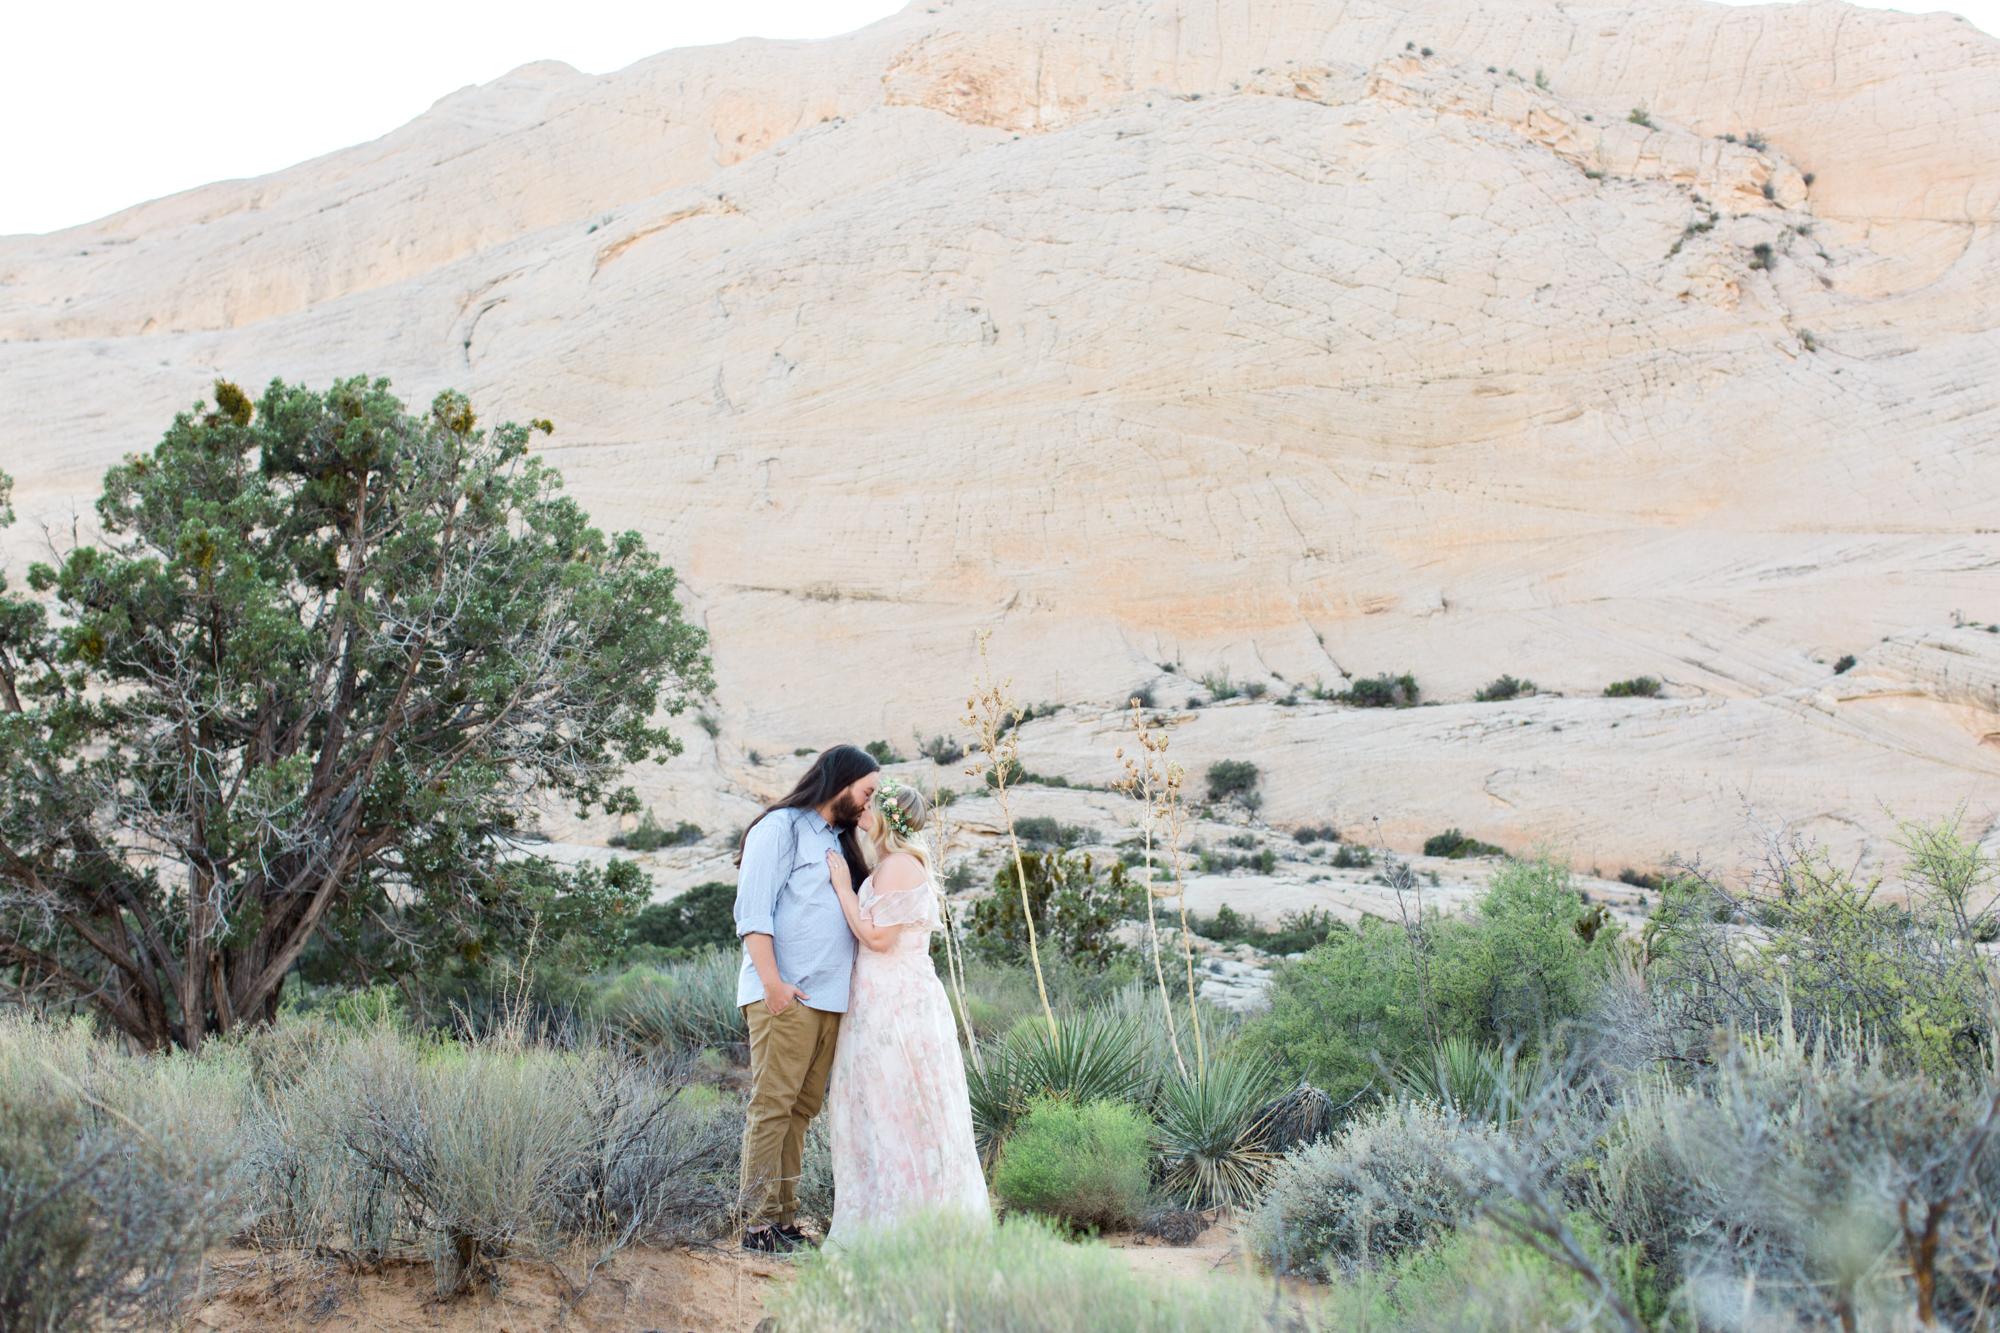 Kelcie-Ryan-Engagements-37.jpg